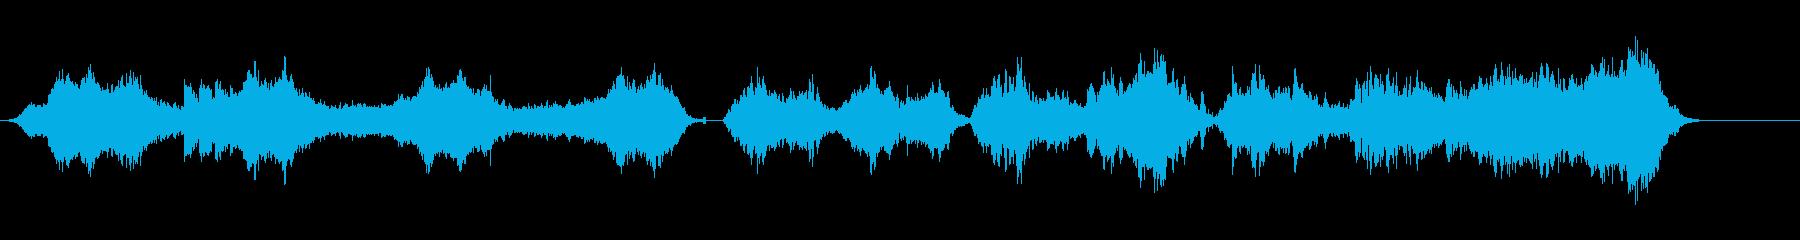 事件性の高い怖い曲ですの再生済みの波形